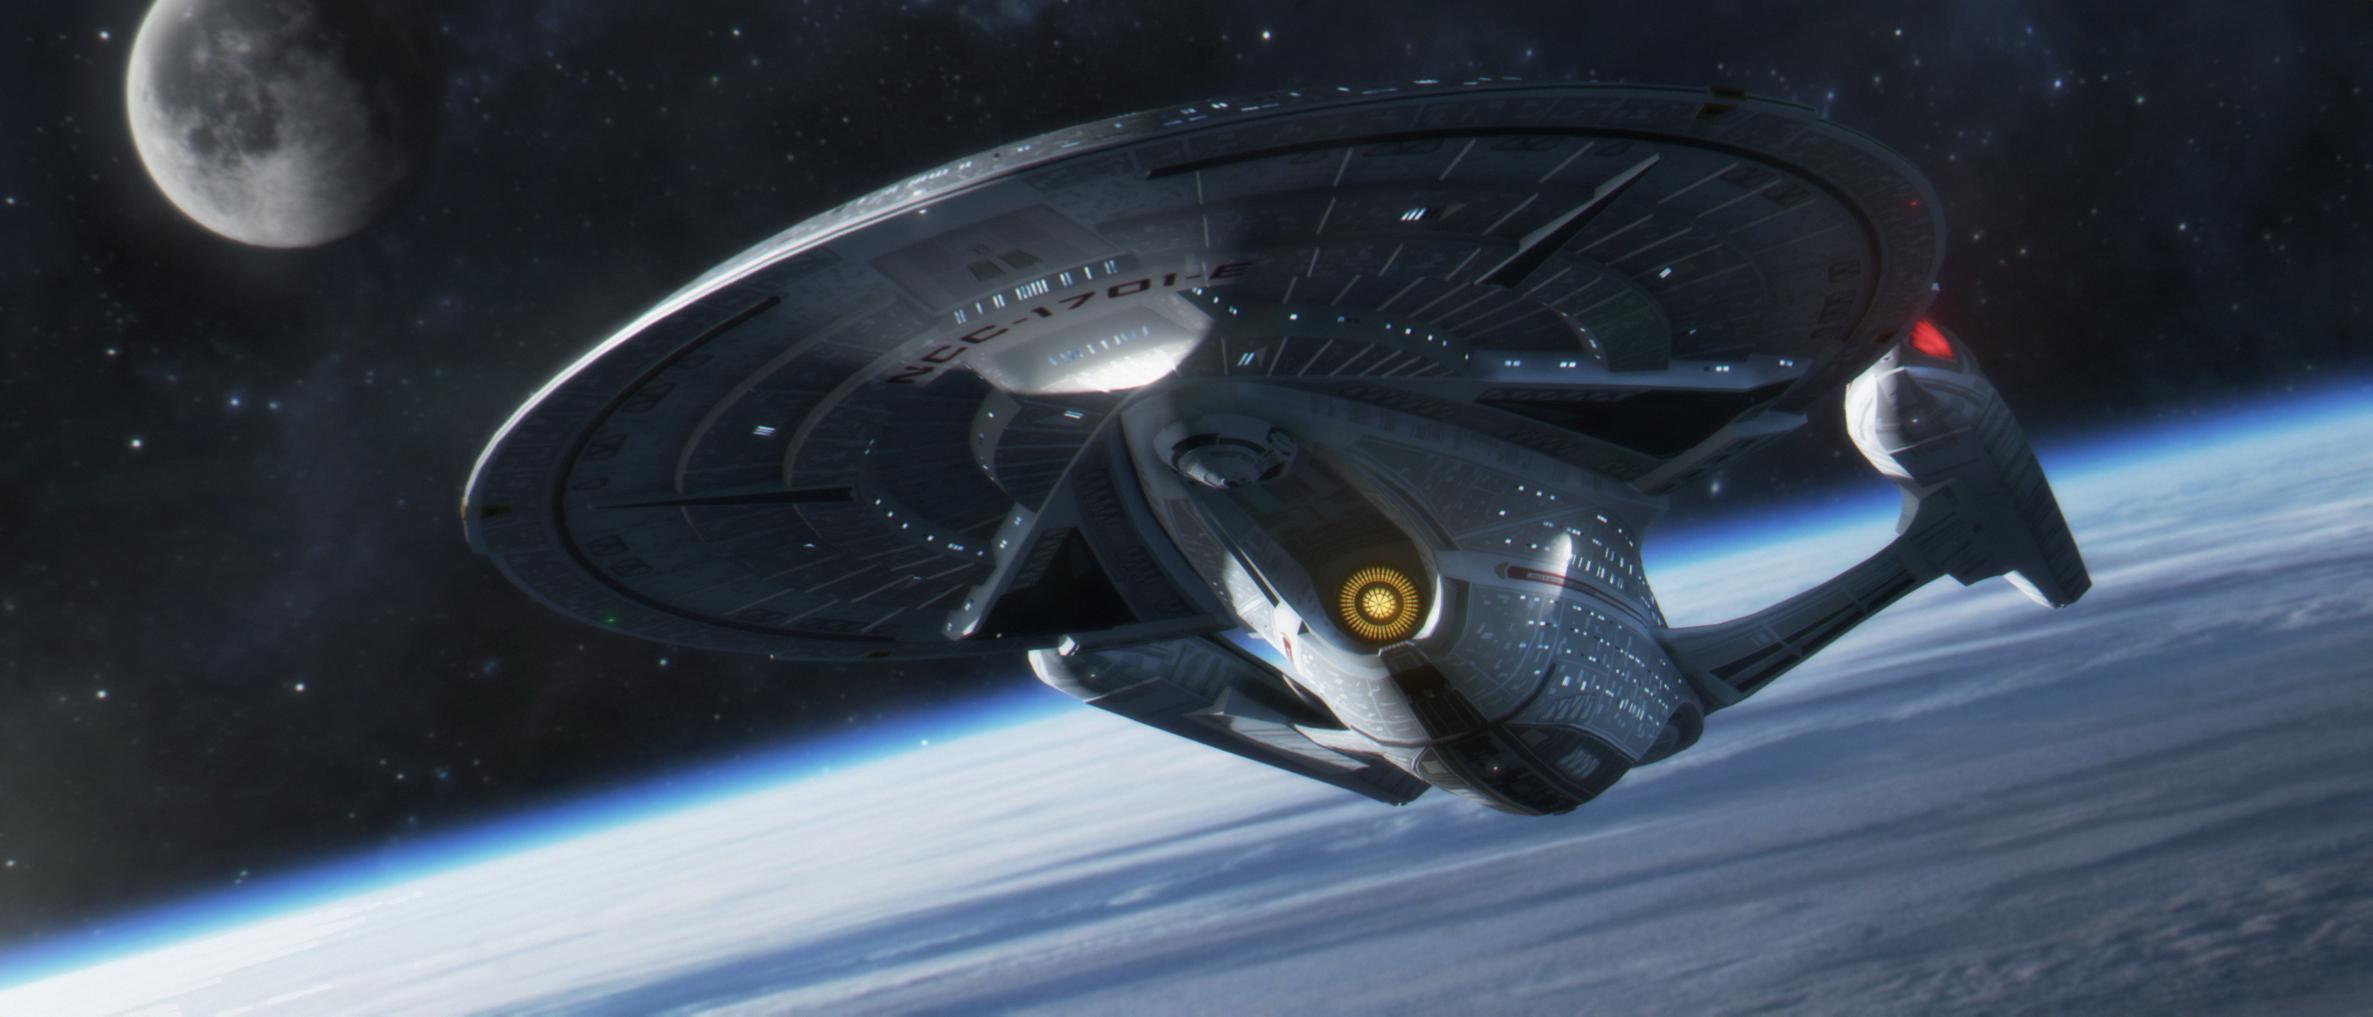 Welcome Aboard By Jetfreak 7 Star Trek Starships Star Trek Ships Star Trek Images